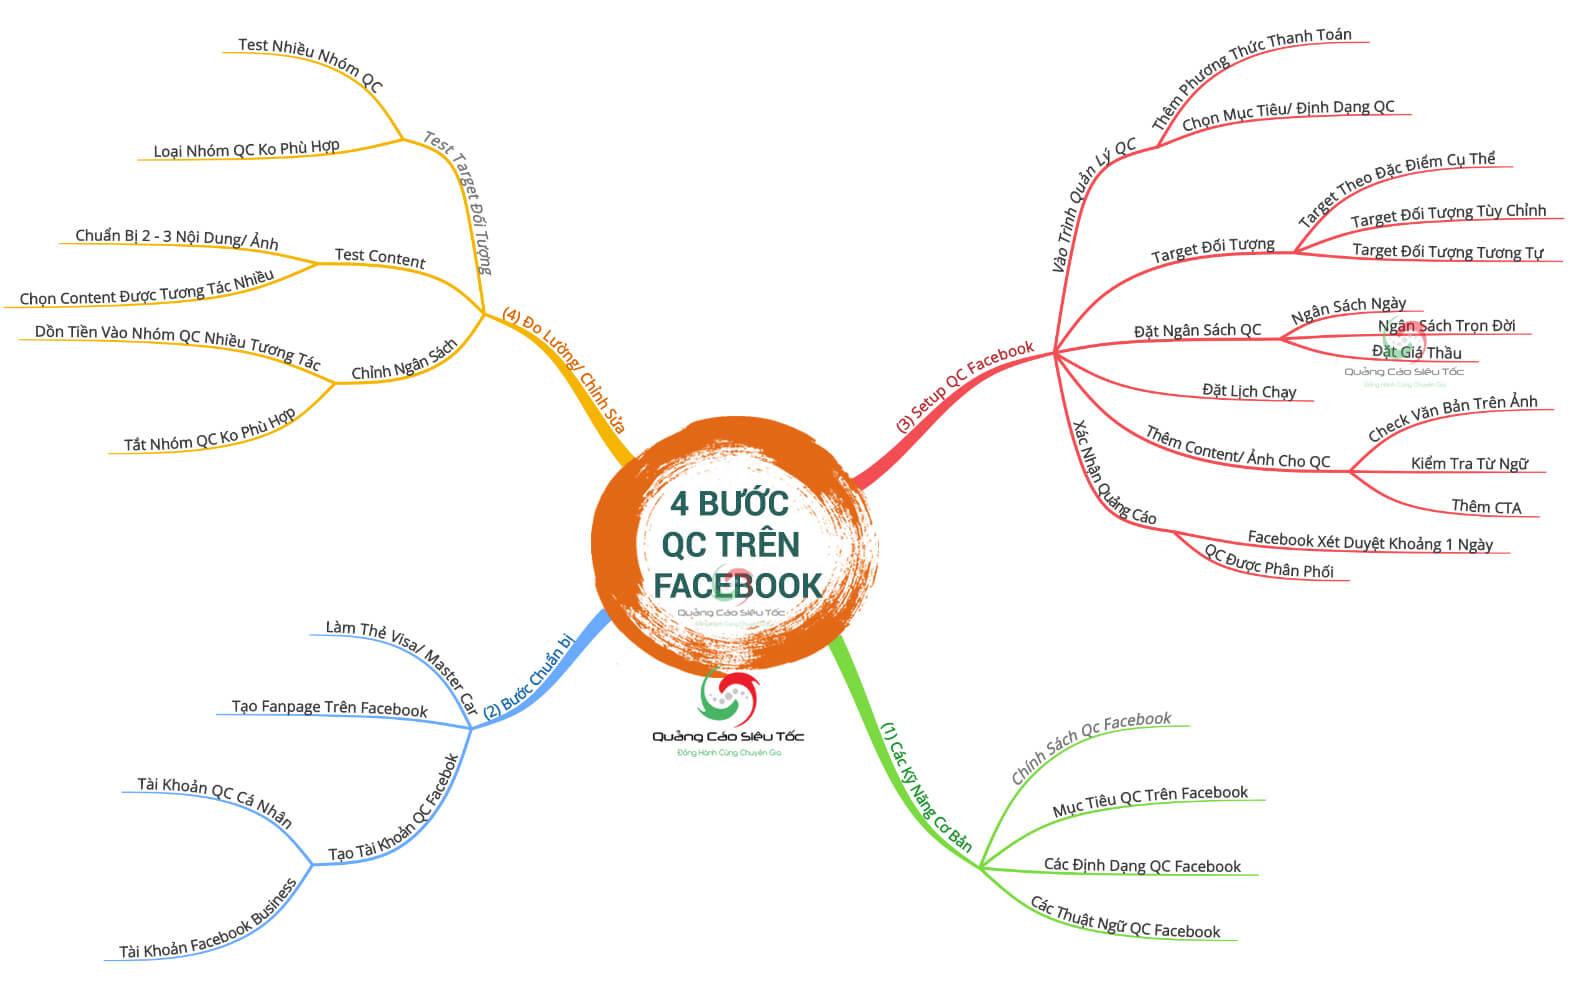 Tóm gọn cách chạy quảng cáo Facebook từng bước